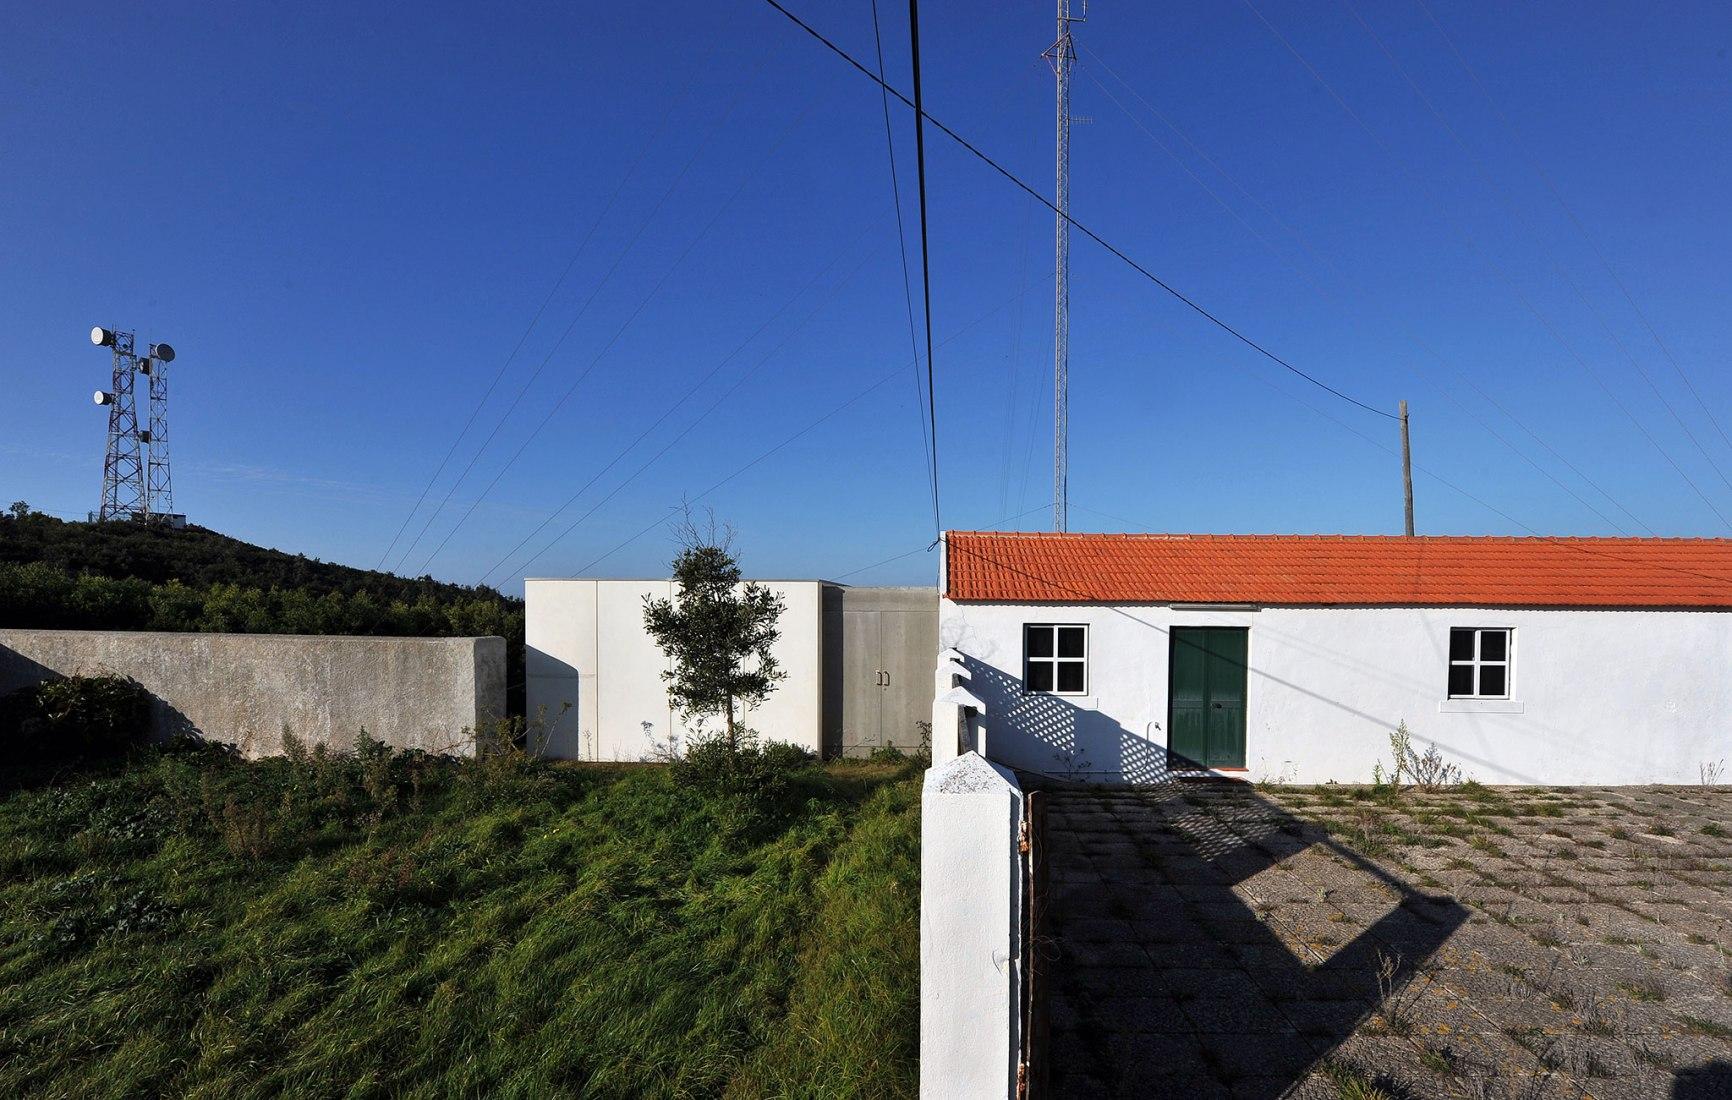 Interpretation Centre for Risk of Fire by Jorge Bártolo, Arquitetura. Photograph by João Armando Ribeiro.